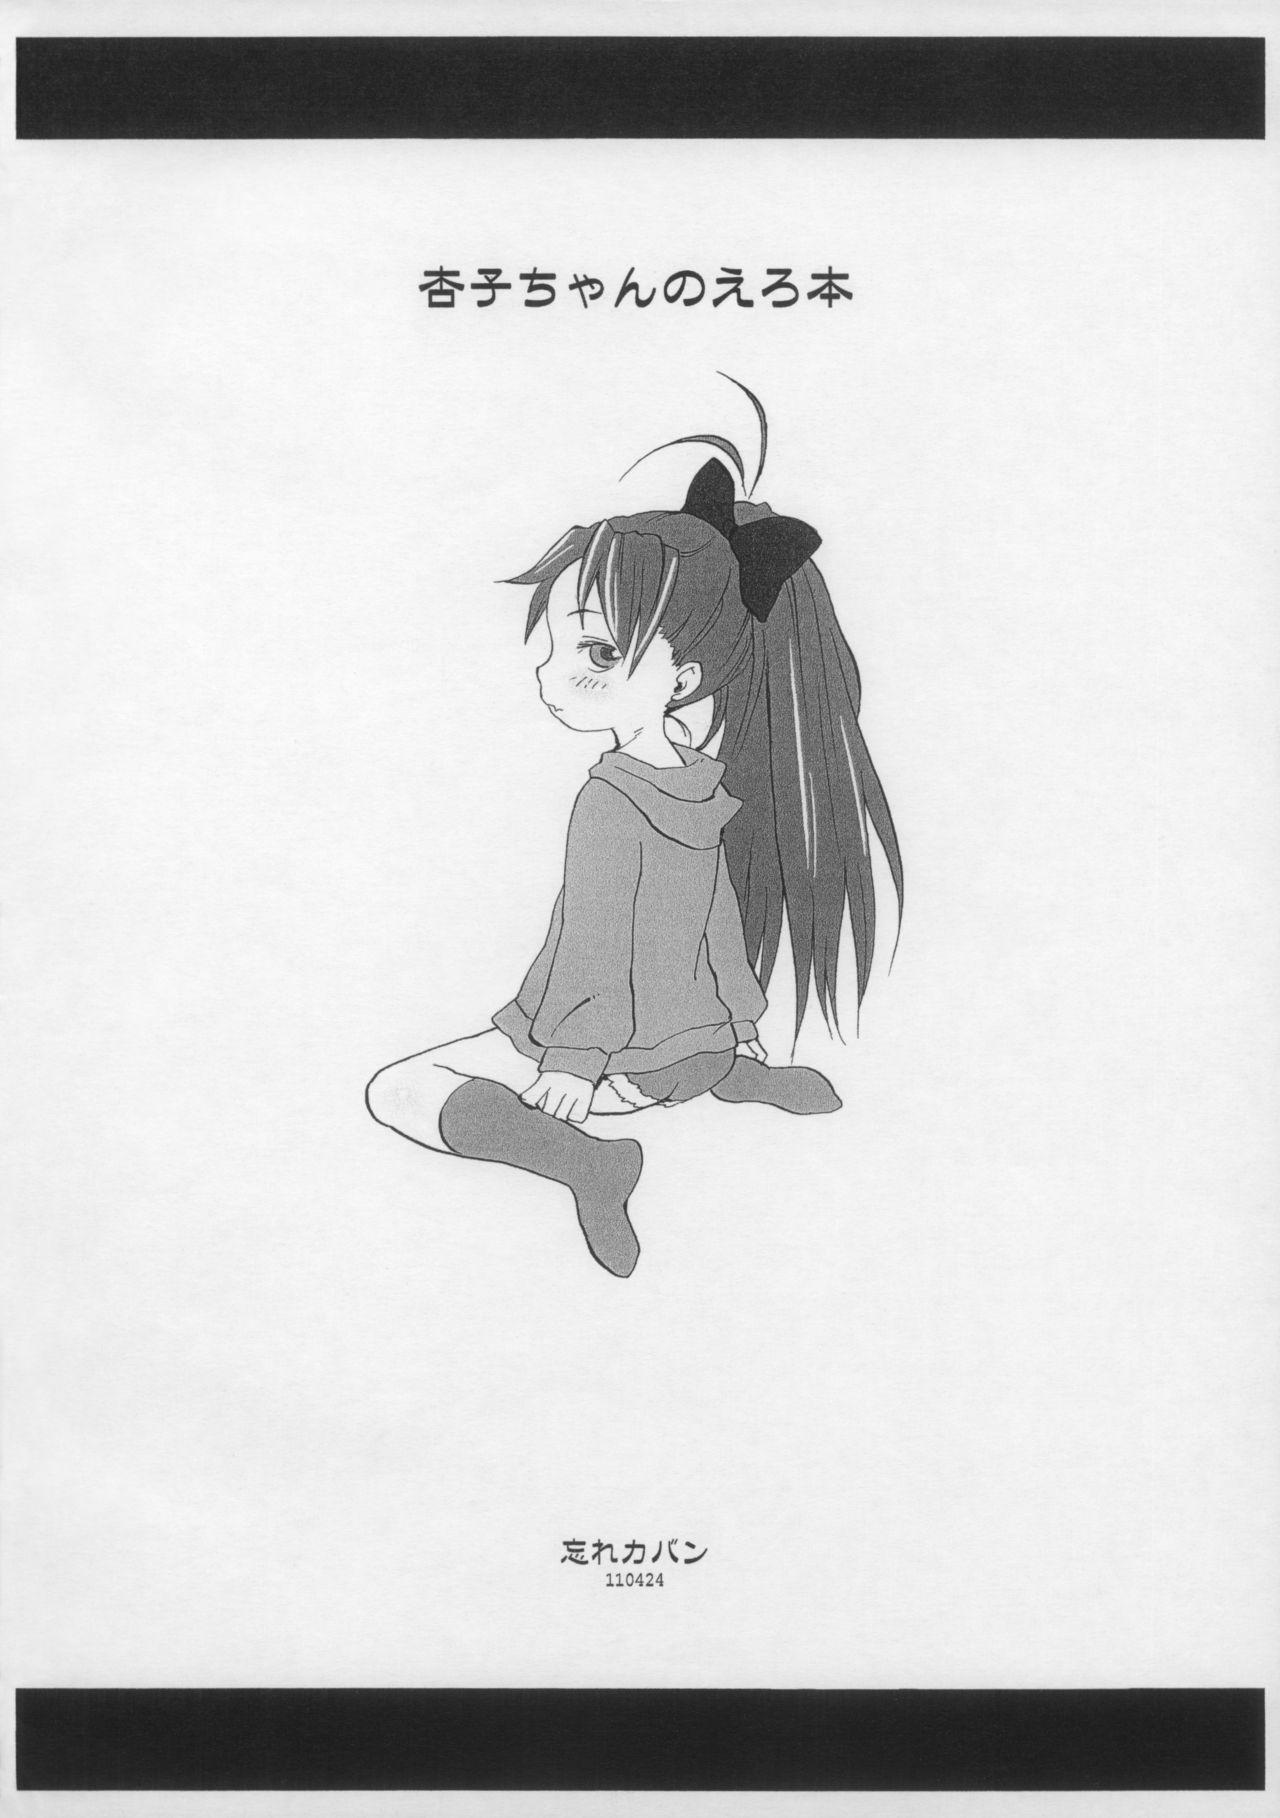 Kyouko-chan no Erohon 9